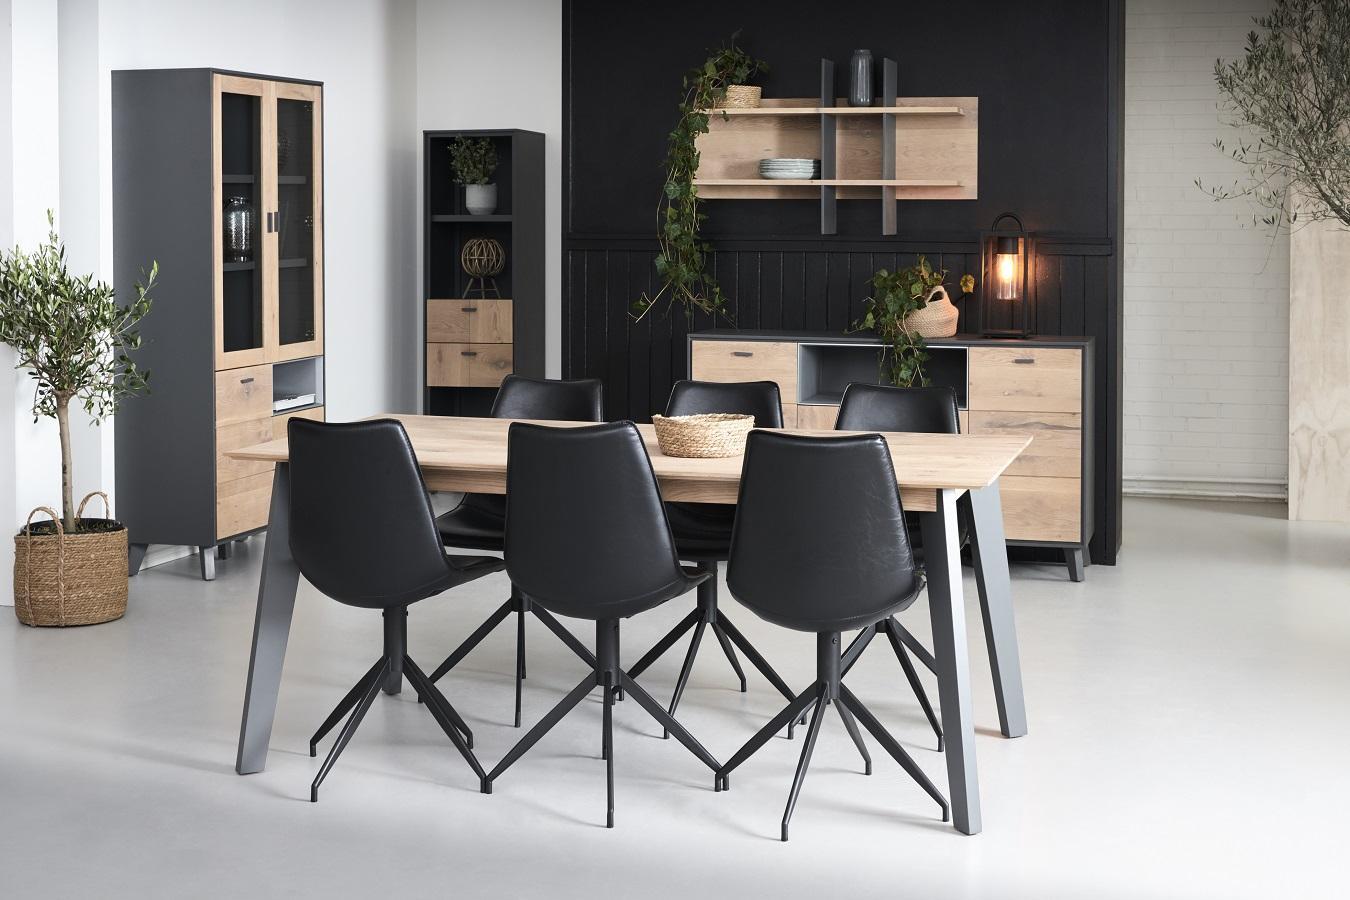 Designový jídelní stůl rozkládací Aakil, 300 - 400cm